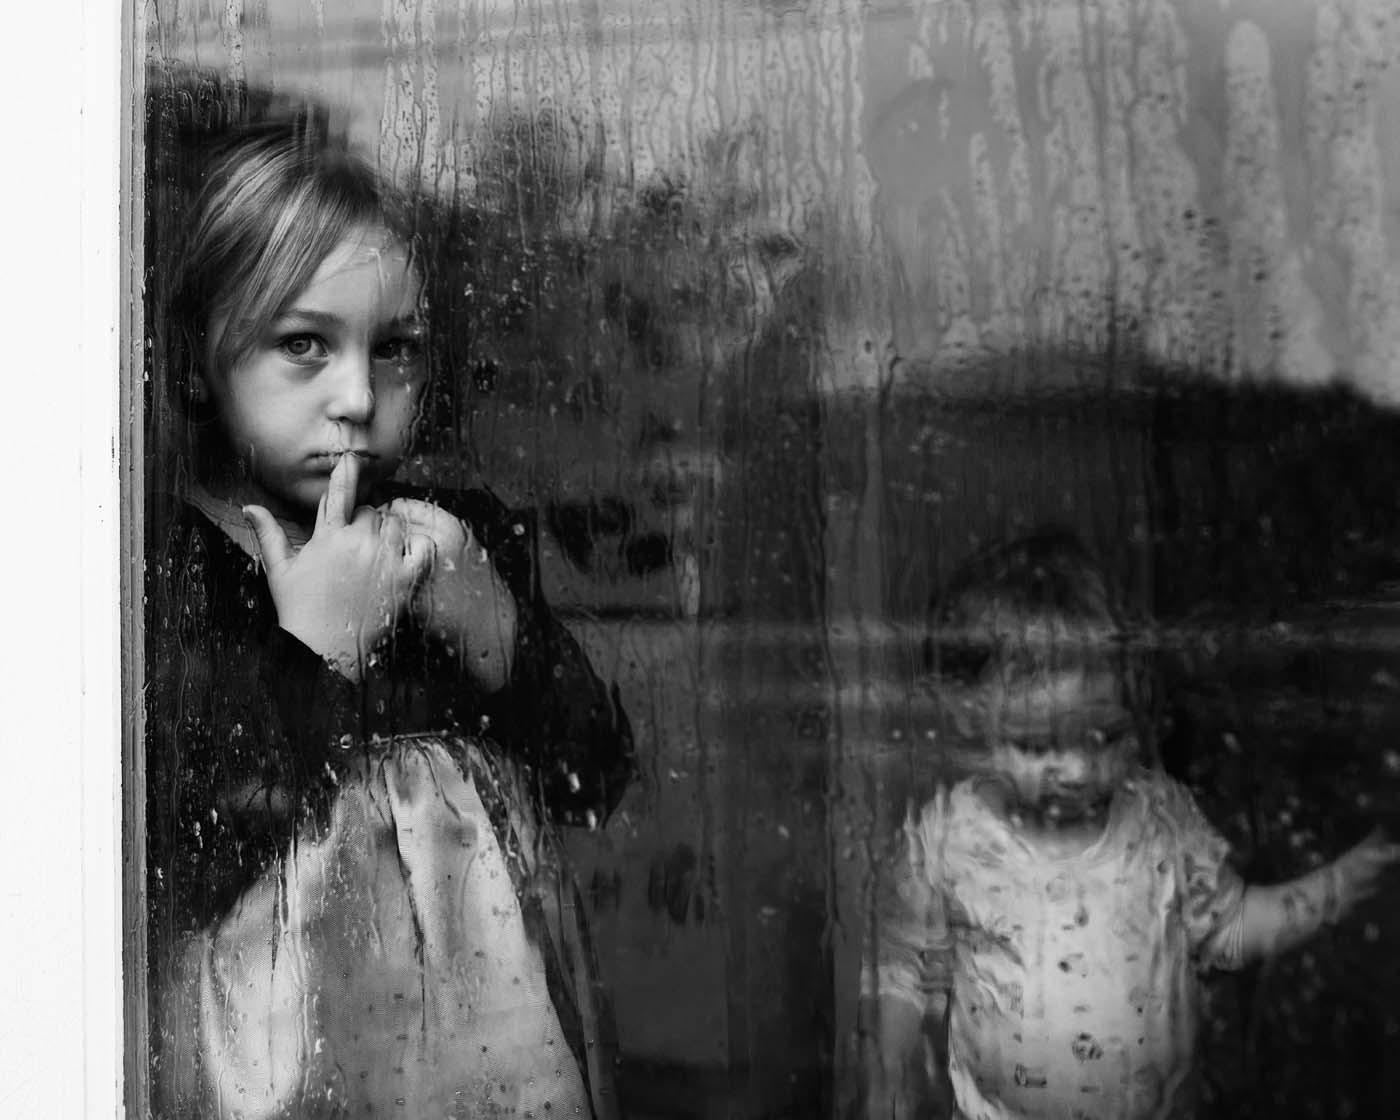 Premonition by Andrea H Heffernan